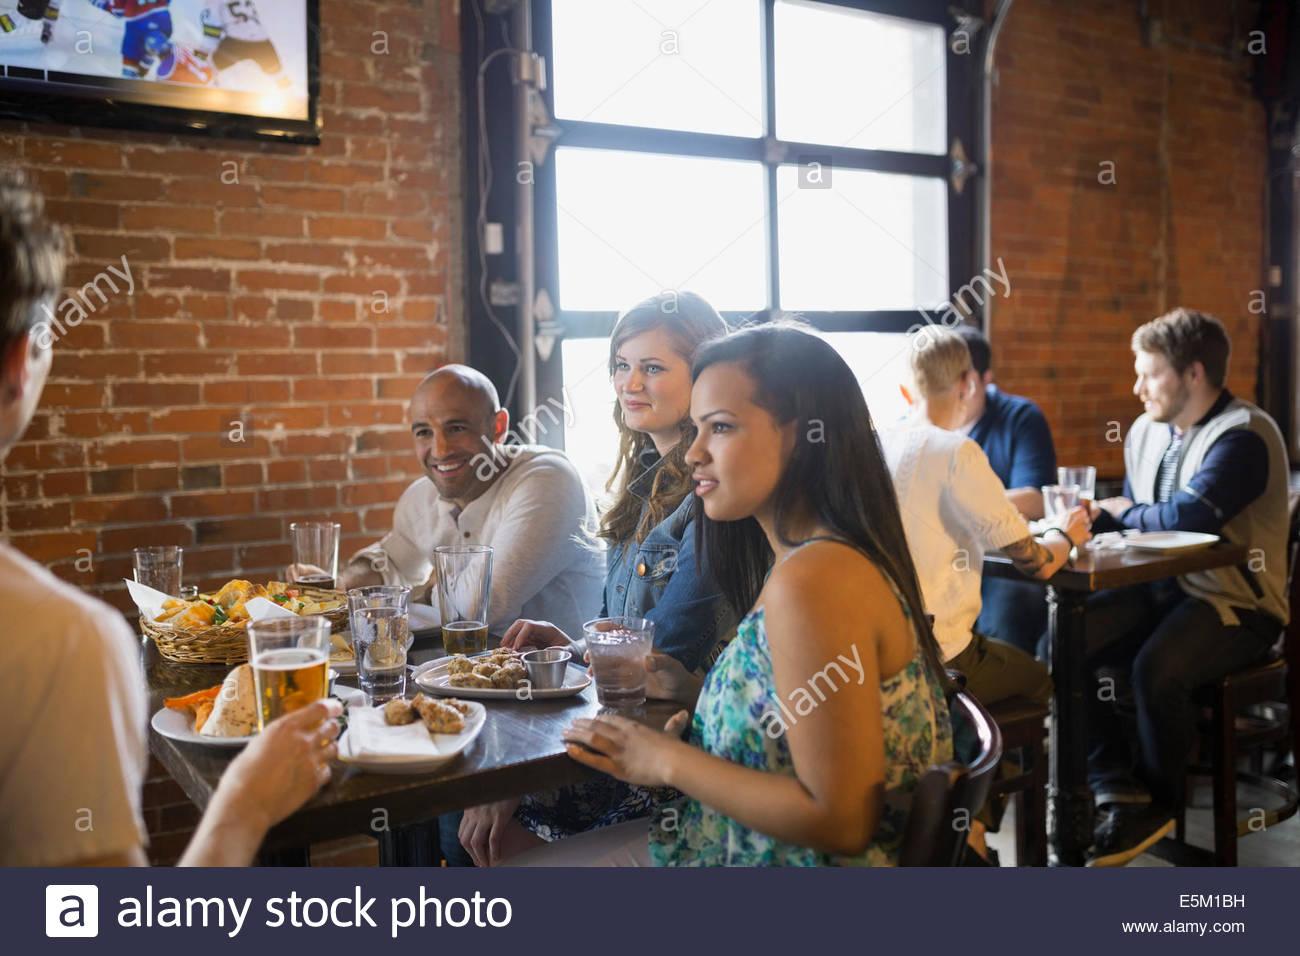 Les amis de parler et de manger en pub Photo Stock